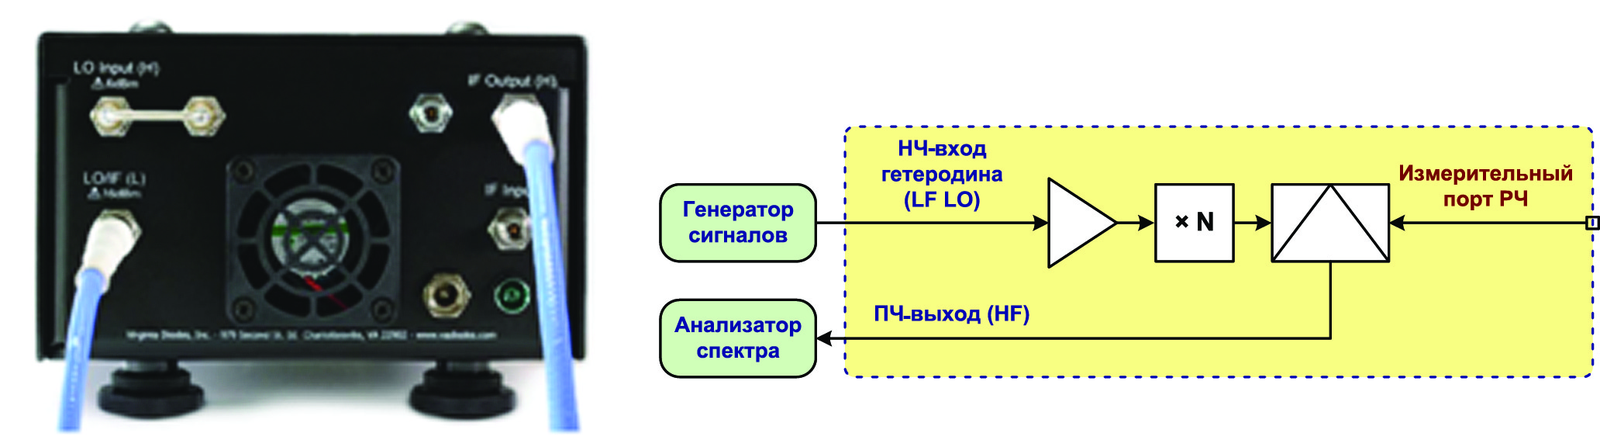 Преобразование сигнала вниз по частоте с использованием низкочастотного входного порта гетеродина. Входной ПЧ-порт не используется